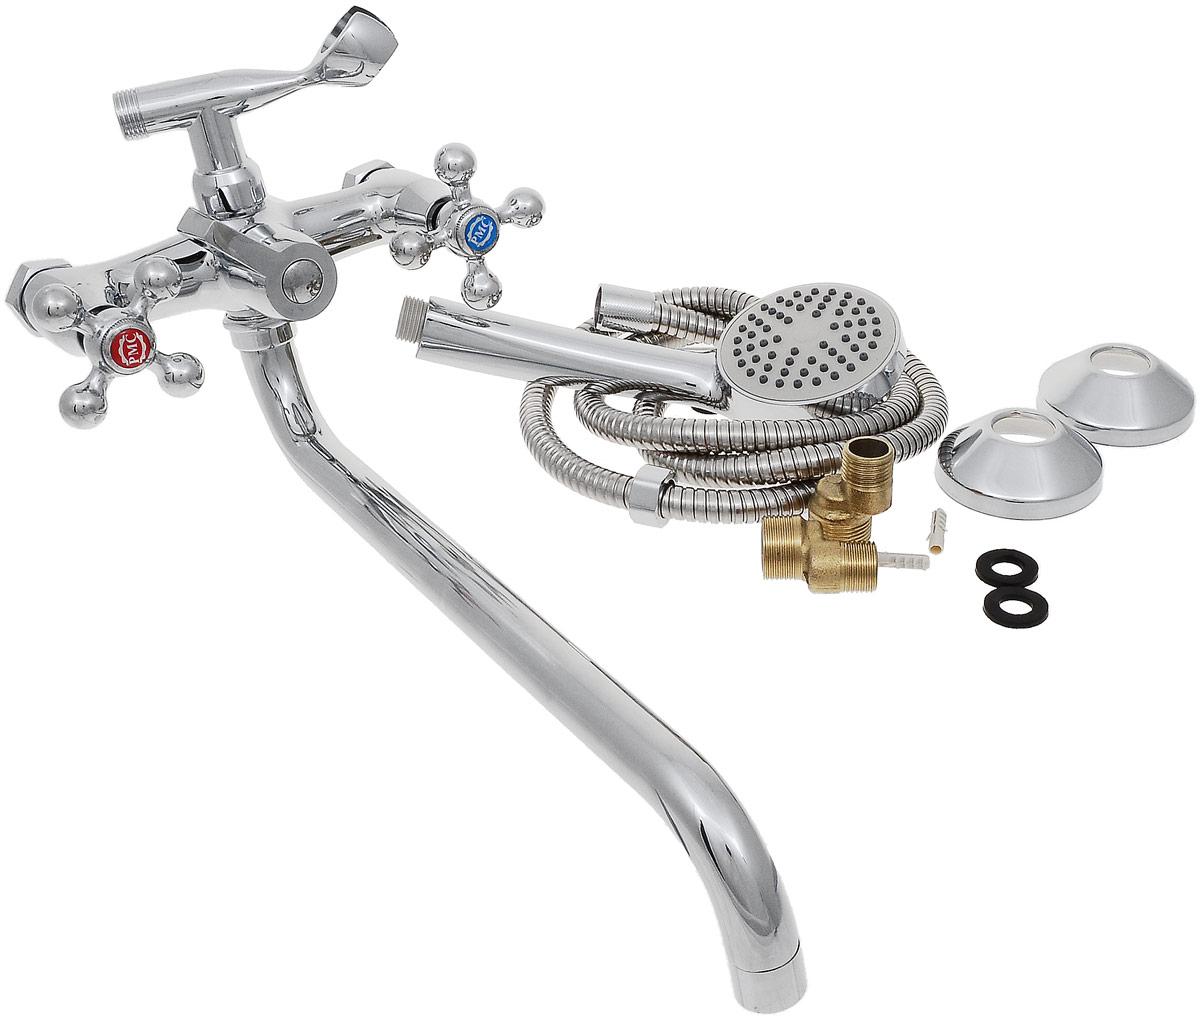 Смеситель для ванны и душа РМС, с длинным поворотным изливом, цвет: хром. SL67-140-1SL67-140-1Двуручковый смеситель для ванной комнаты РМС предназначен для смешивания холодной и горячей воды. Выполнен из высококачественной латуни повышенной прочности, устойчивой к коррозии. Кран-букса латунная с керамическими пластинами, угол поворота 180°. Оснащен длинным изливом. Переключение на душ - картриджное. Аэратор выполнен из пластика. В комплекте: эксцентрики, отражатели, металлический шланг для душа 1,5 м, лейка для душа.Максимальное давление: 10 бар.Испытательное давление: 16 бар.Рекомендуемое давление: 1-5 бар, при давлении выше 6 бар рекомендуется использовать регулятор давления.Максимально допустимая температура: +80°С.Рекомендуемая температура: +65°С.Размер присоединения к угловому вентилю для умывальника: гайка 1/2.Кран-букса керамическая: 1/2.Длина излива: 35 см.